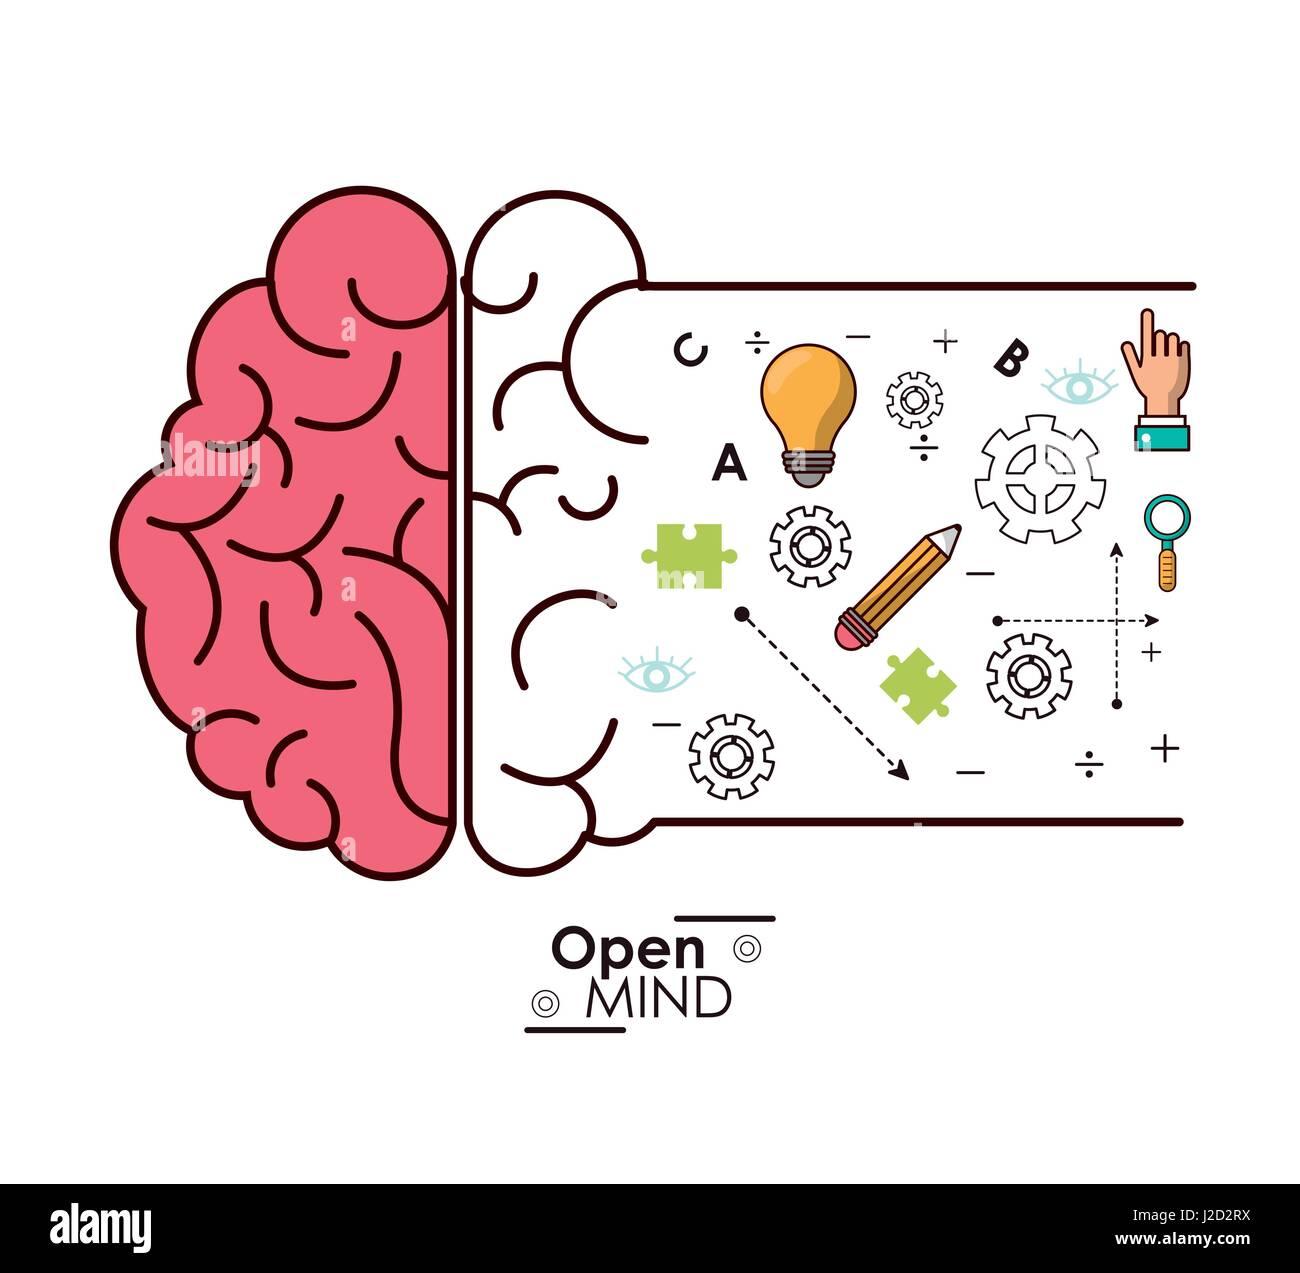 Ouverture d'esprit l'intelligence du cerveau idée d'innovation Illustration de Vecteur